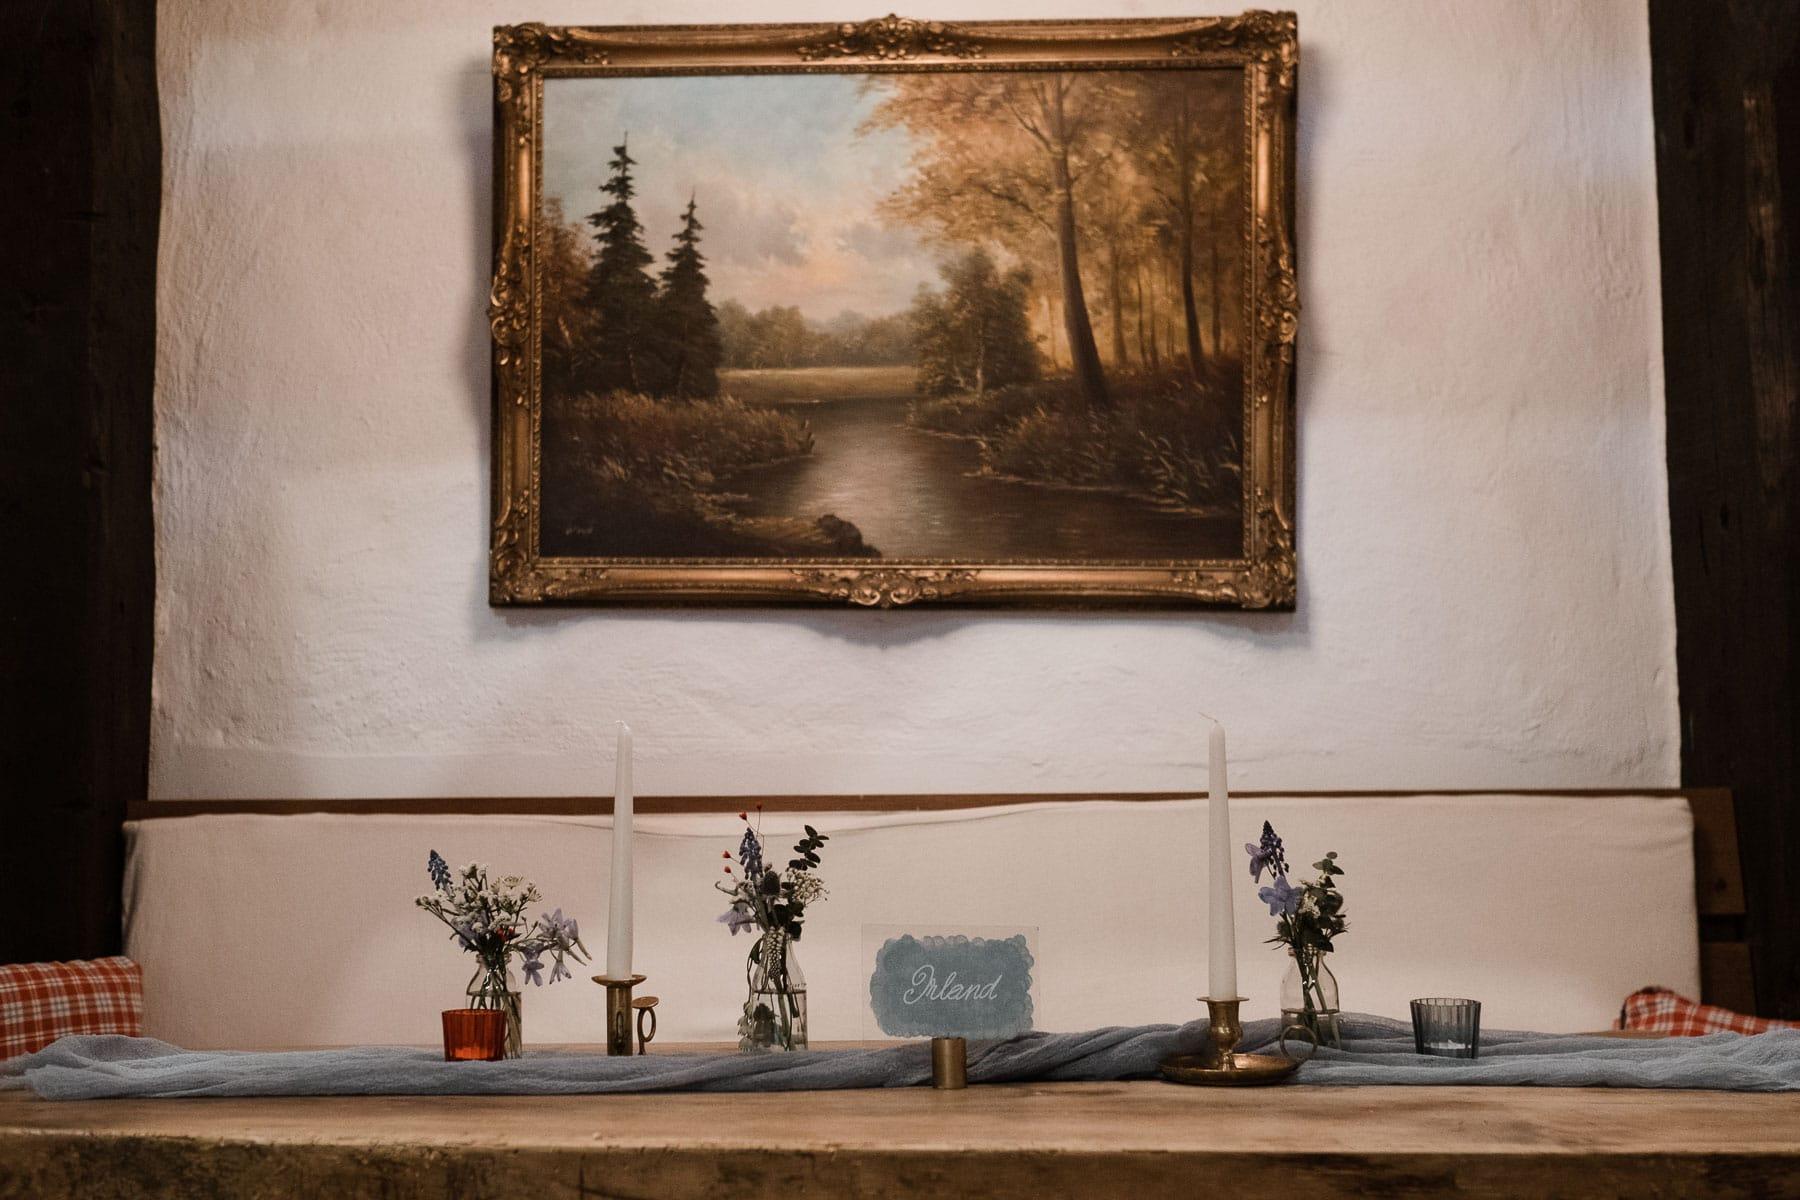 vor einer alten Wand in einem Landhaus hängt ein altes Bild mit einem Holzrahmen, davor steht ein Tisch, auf dem kleine Blumenvasen stehen und Kerzenständer